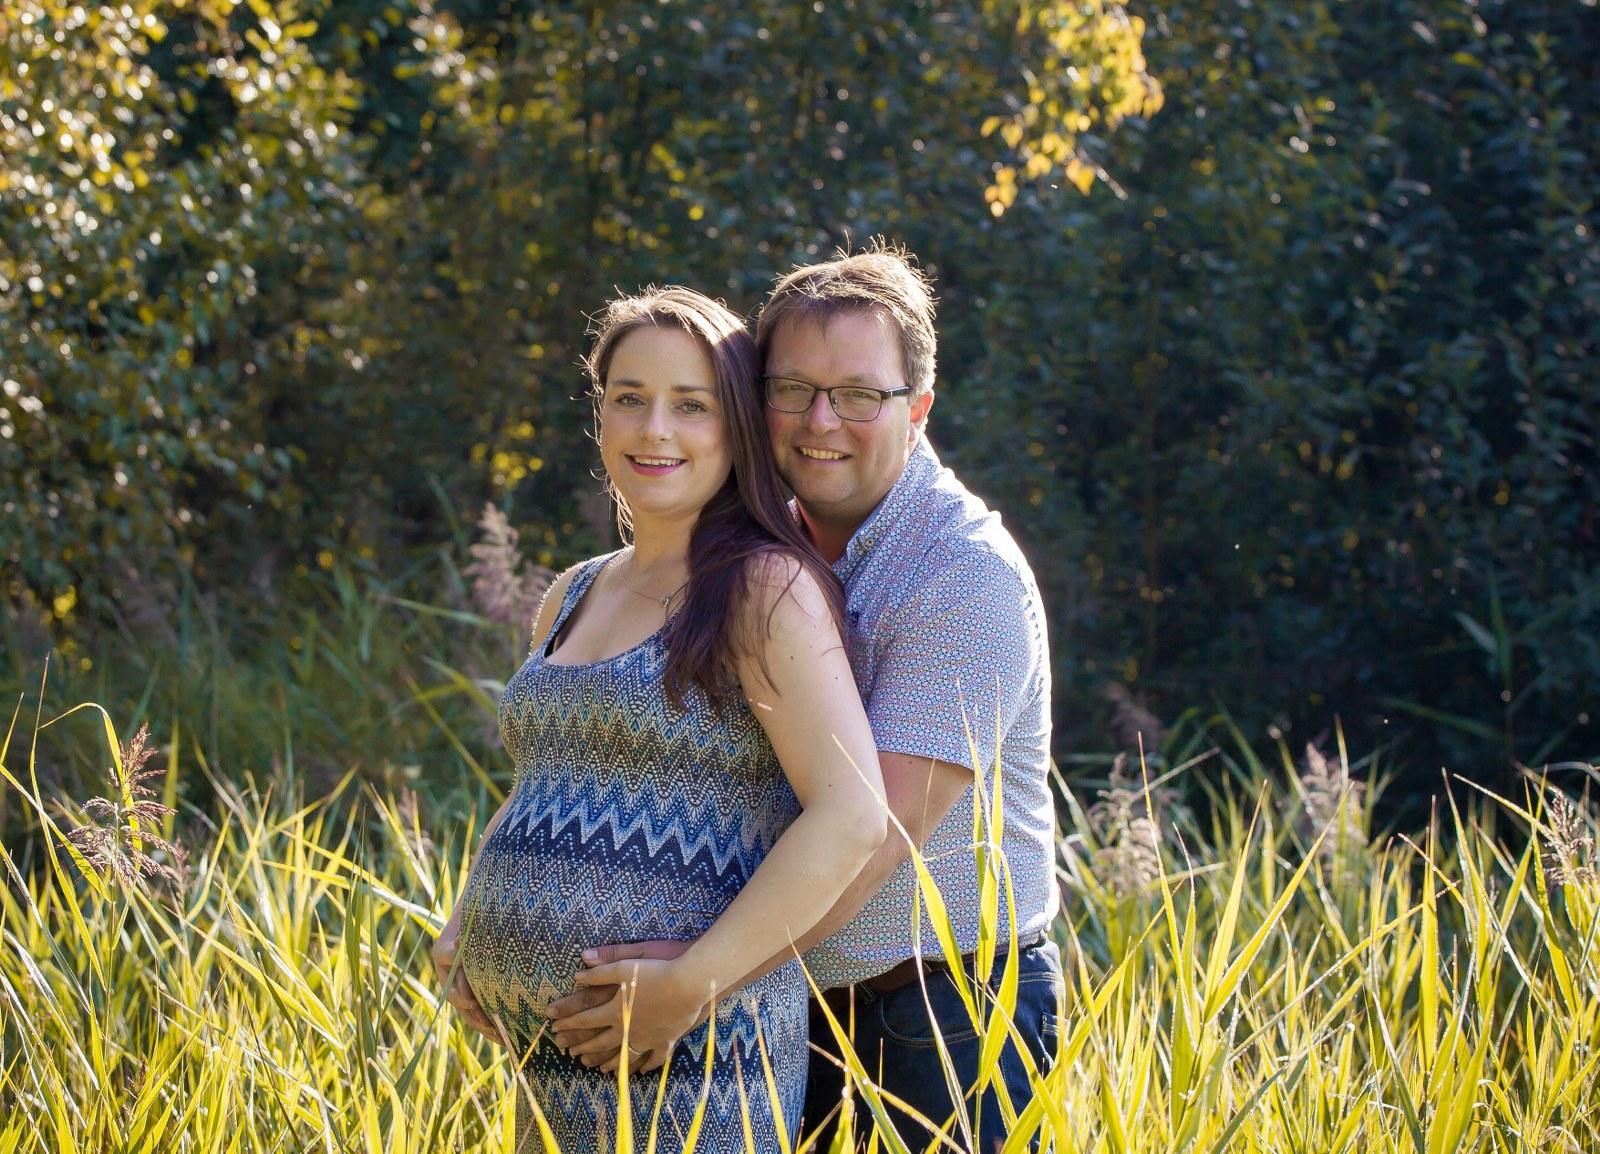 zwangerschap_fotografie-op-locatie